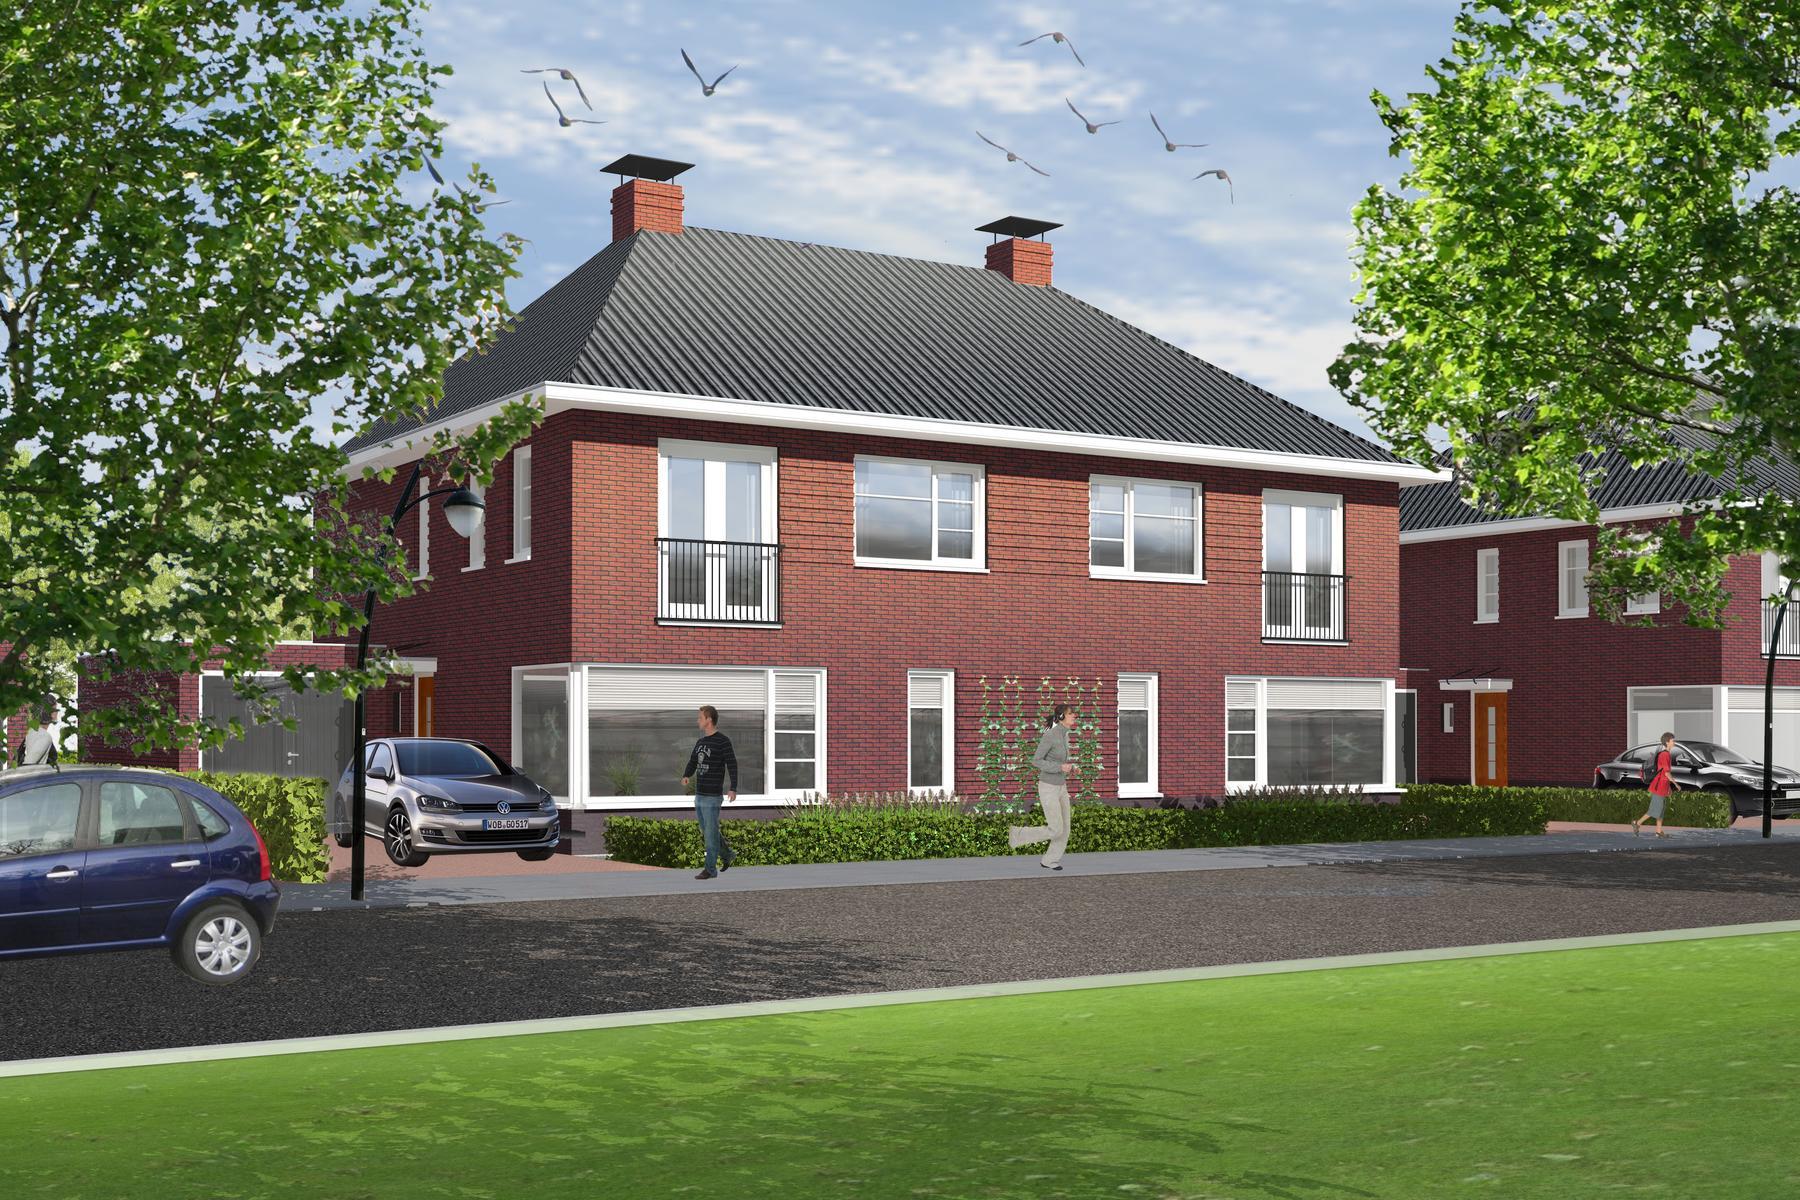 Brakenbeltsweg 10 in Nijverdal 7442 EX